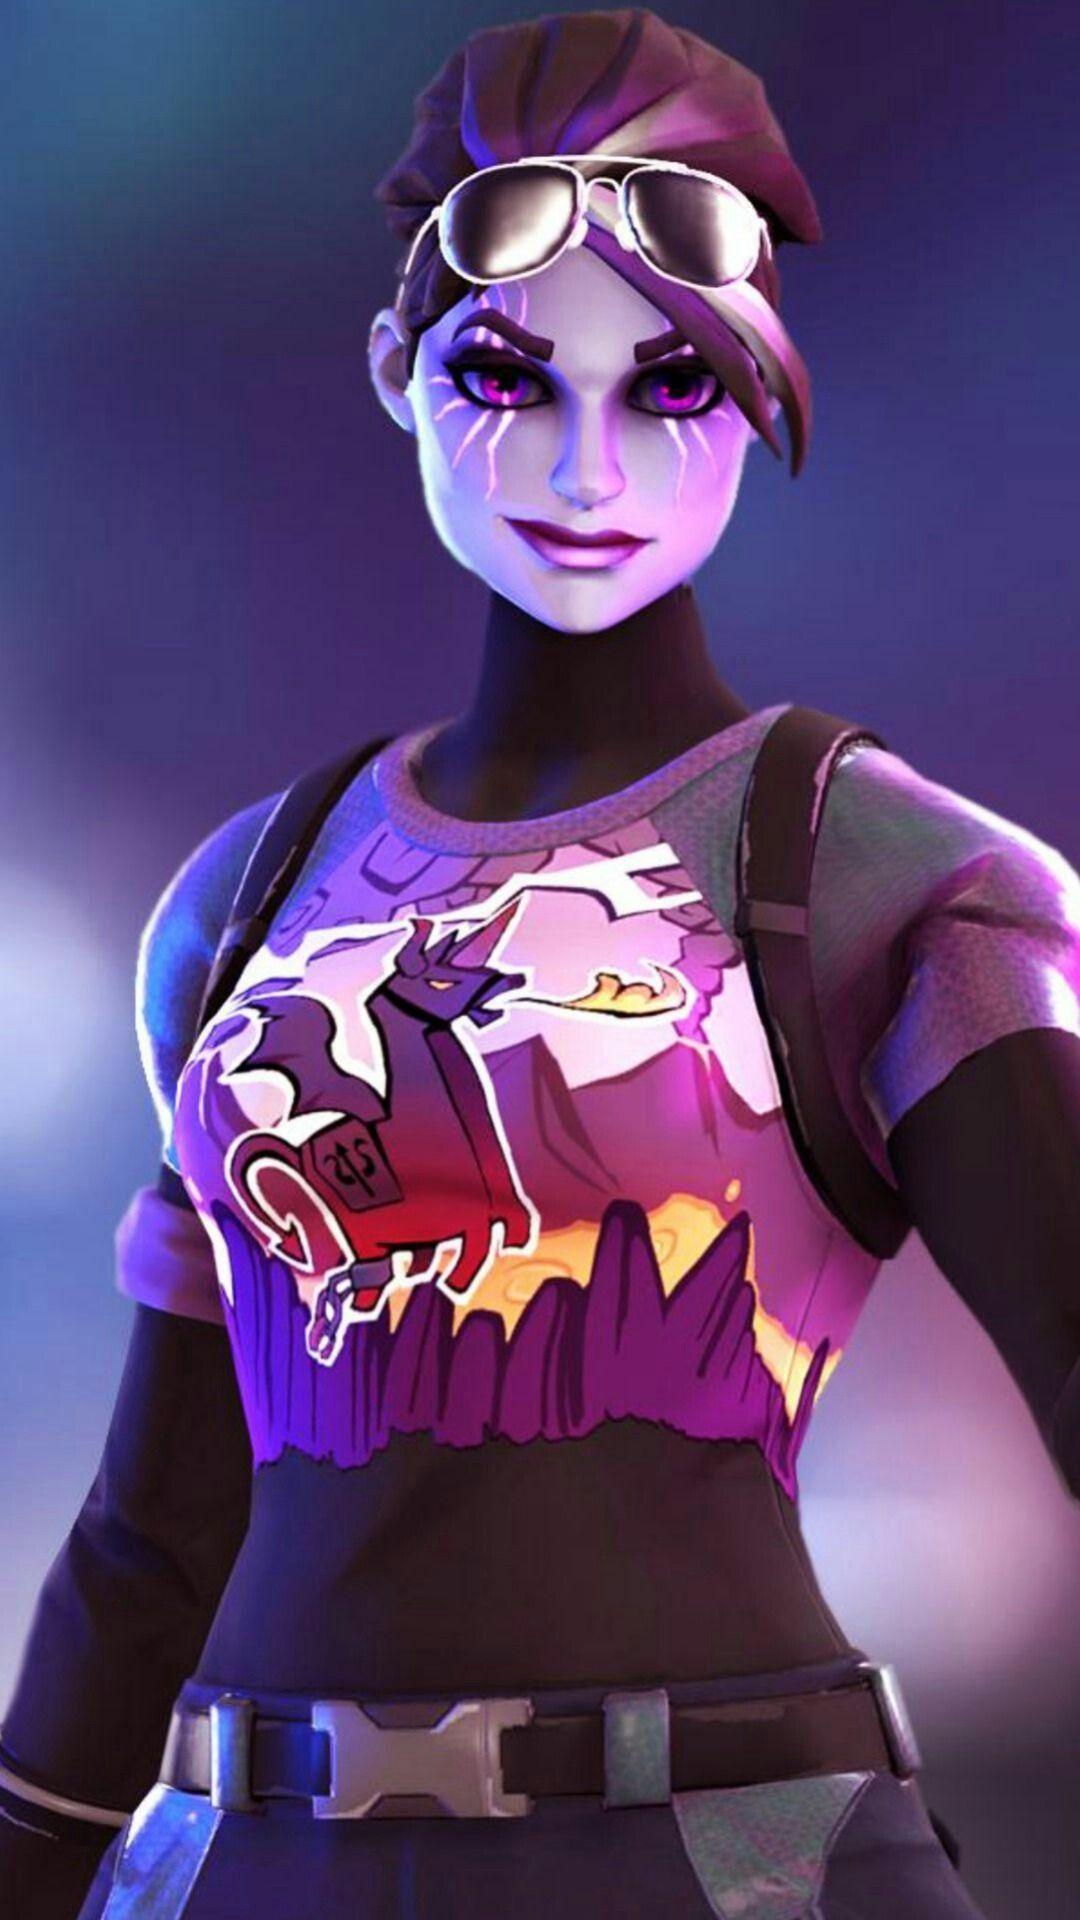 Dark Bomber Fortnite Skin Wallpaper In 2020 Gaming Wallpapers Best Gaming Wallpapers Android Wallpaper Dark